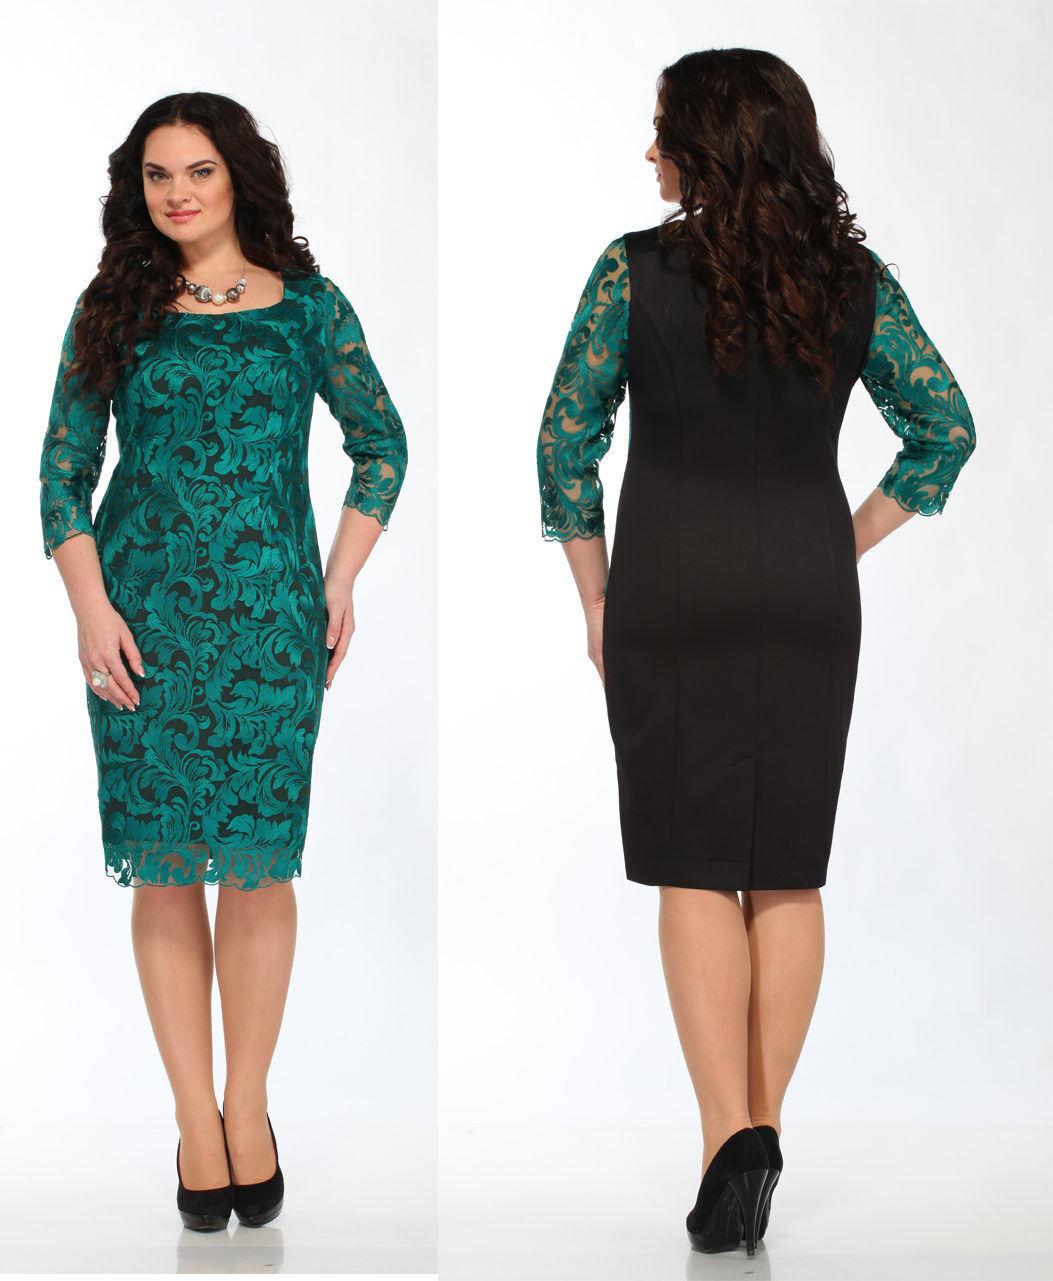 Abendkleid Big Größe Gr 48,50,52,54. Farbe Grün mit Schwarz